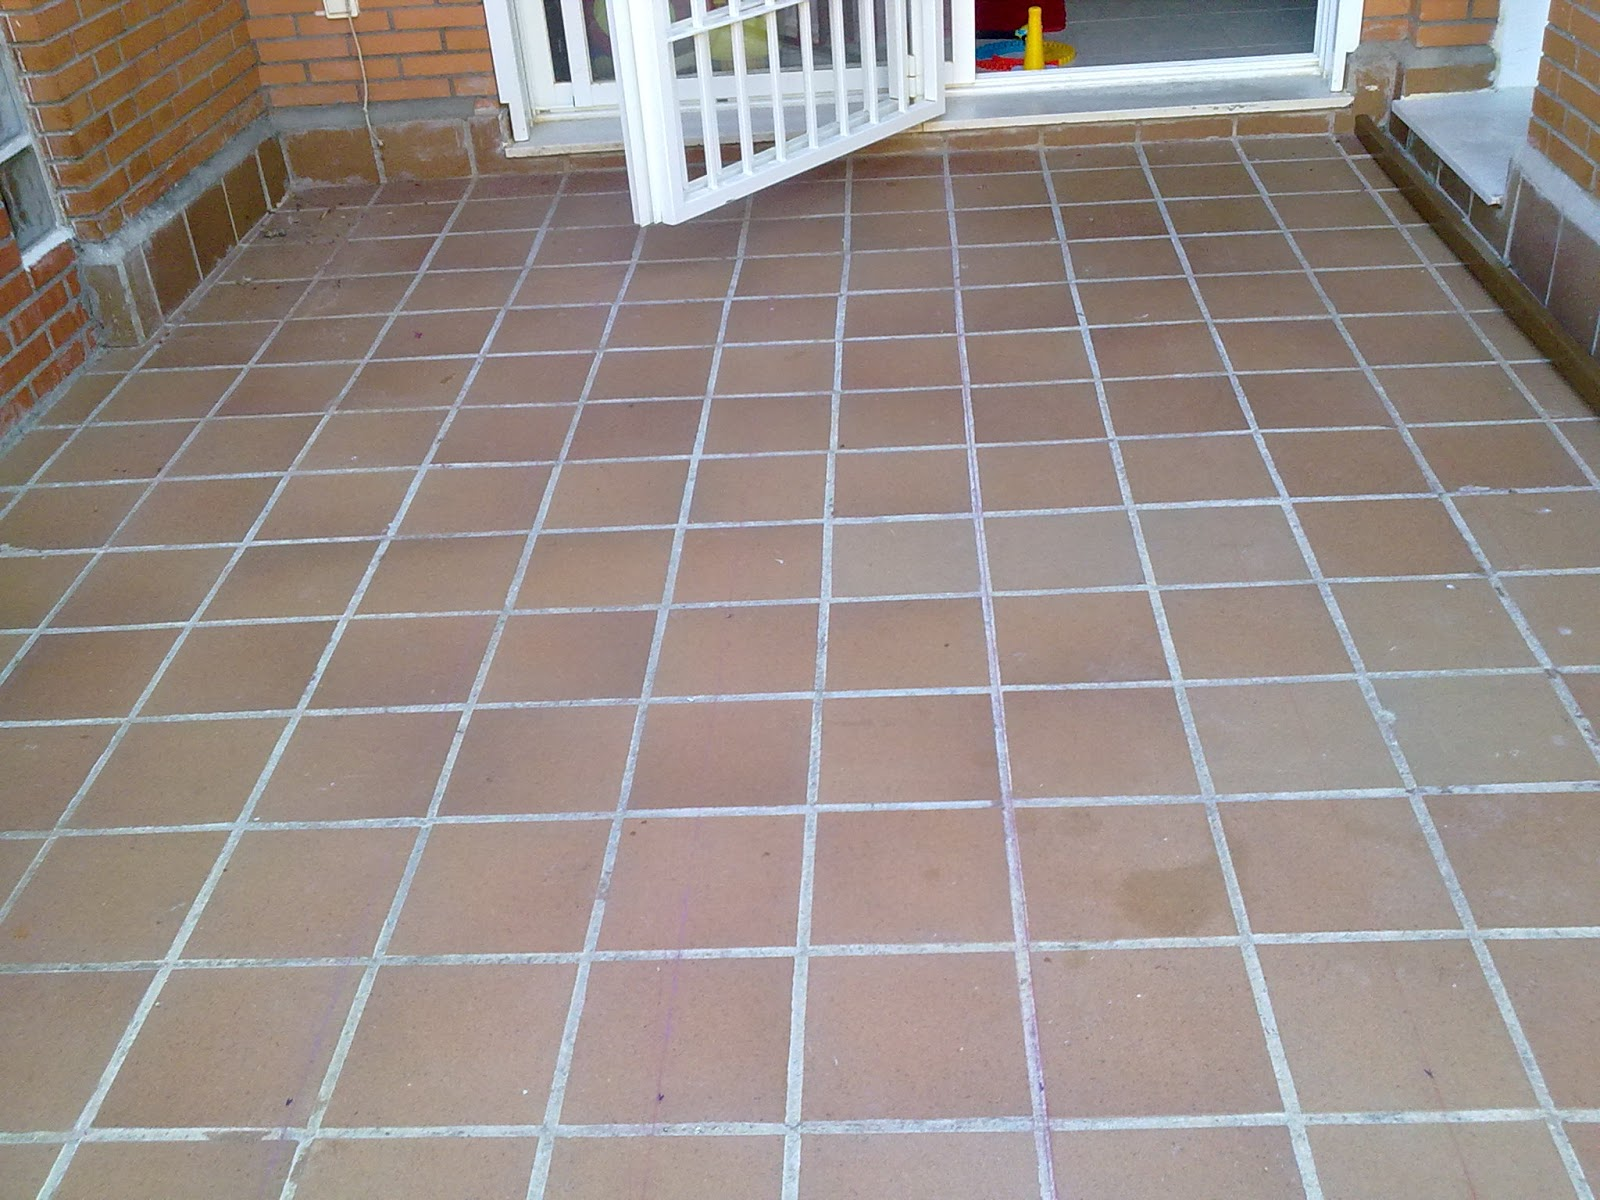 miguel garcia carpintero suelo de composite en terraza On suelos para terrazas